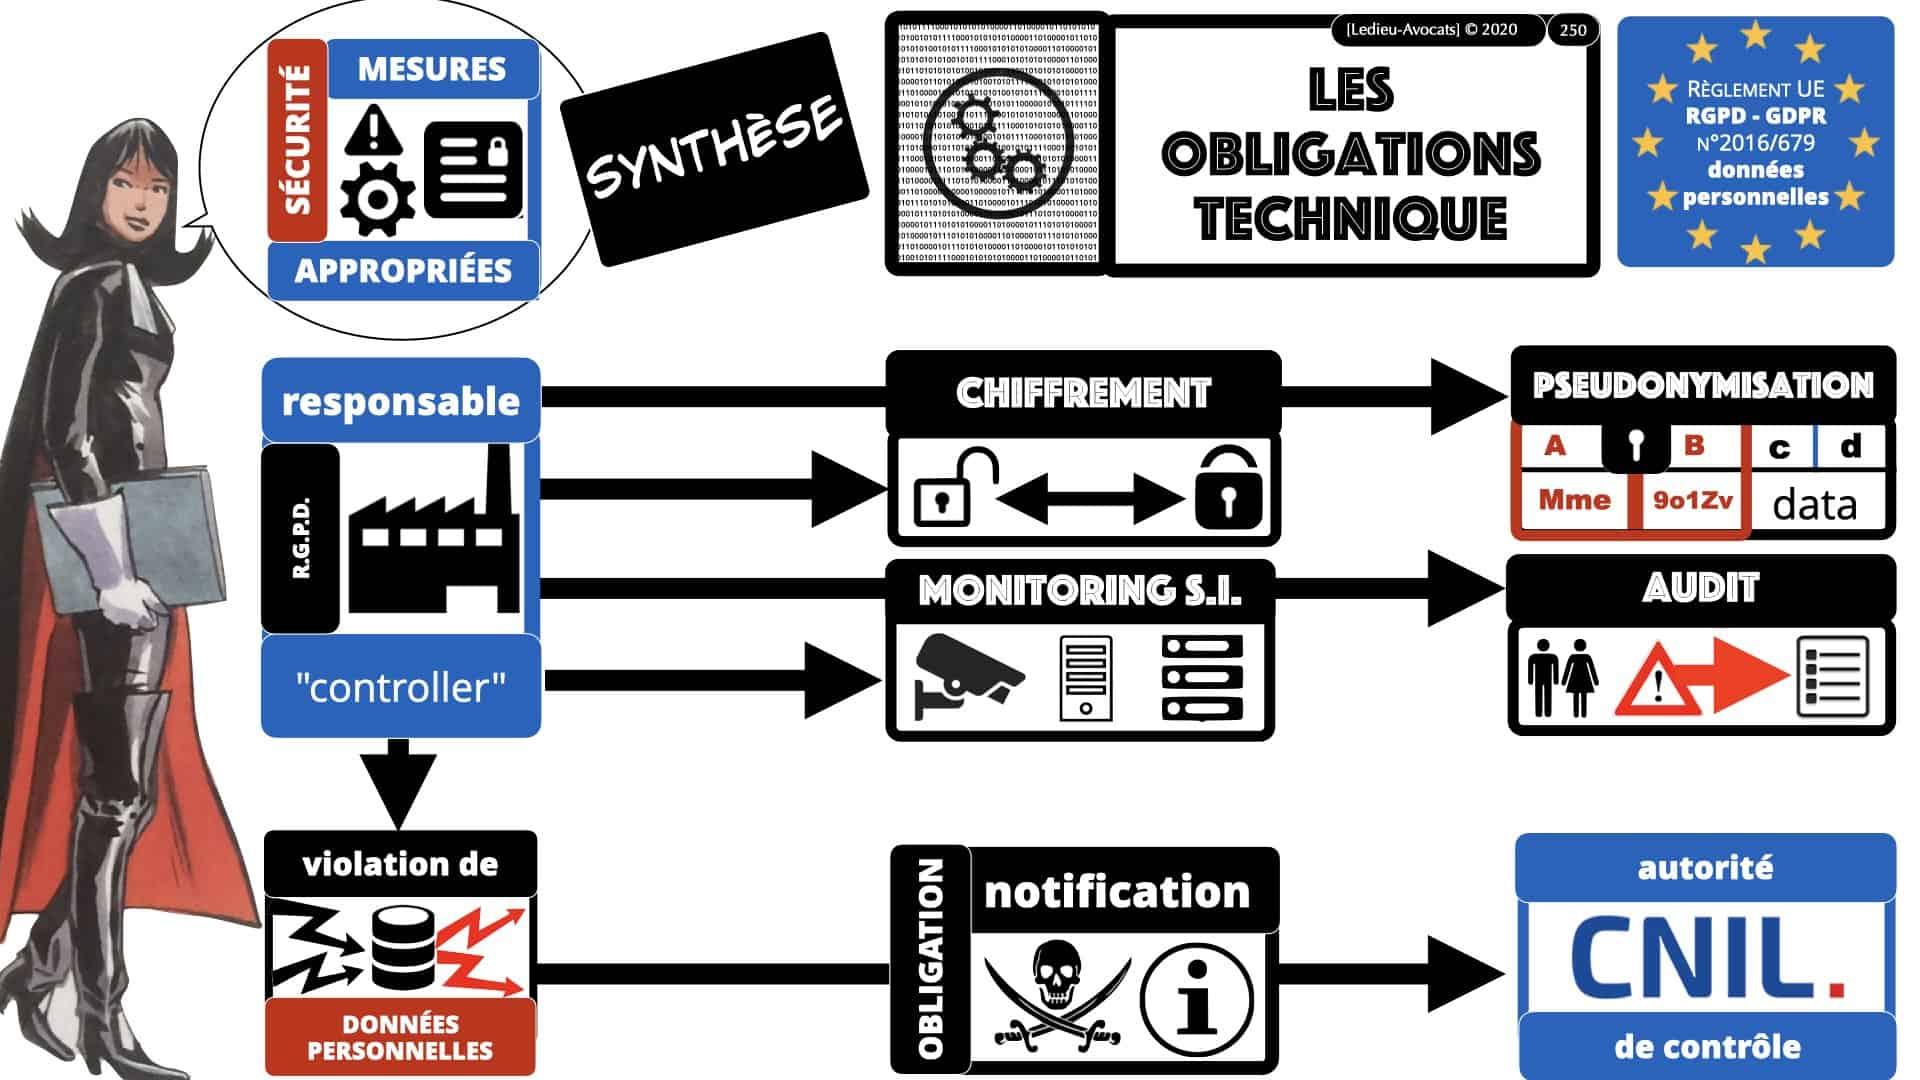 RGPD e-Privacy données personnelles jurisprudence formation Lamy Les Echos 10-02-2021 ©Ledieu-Avocats.250